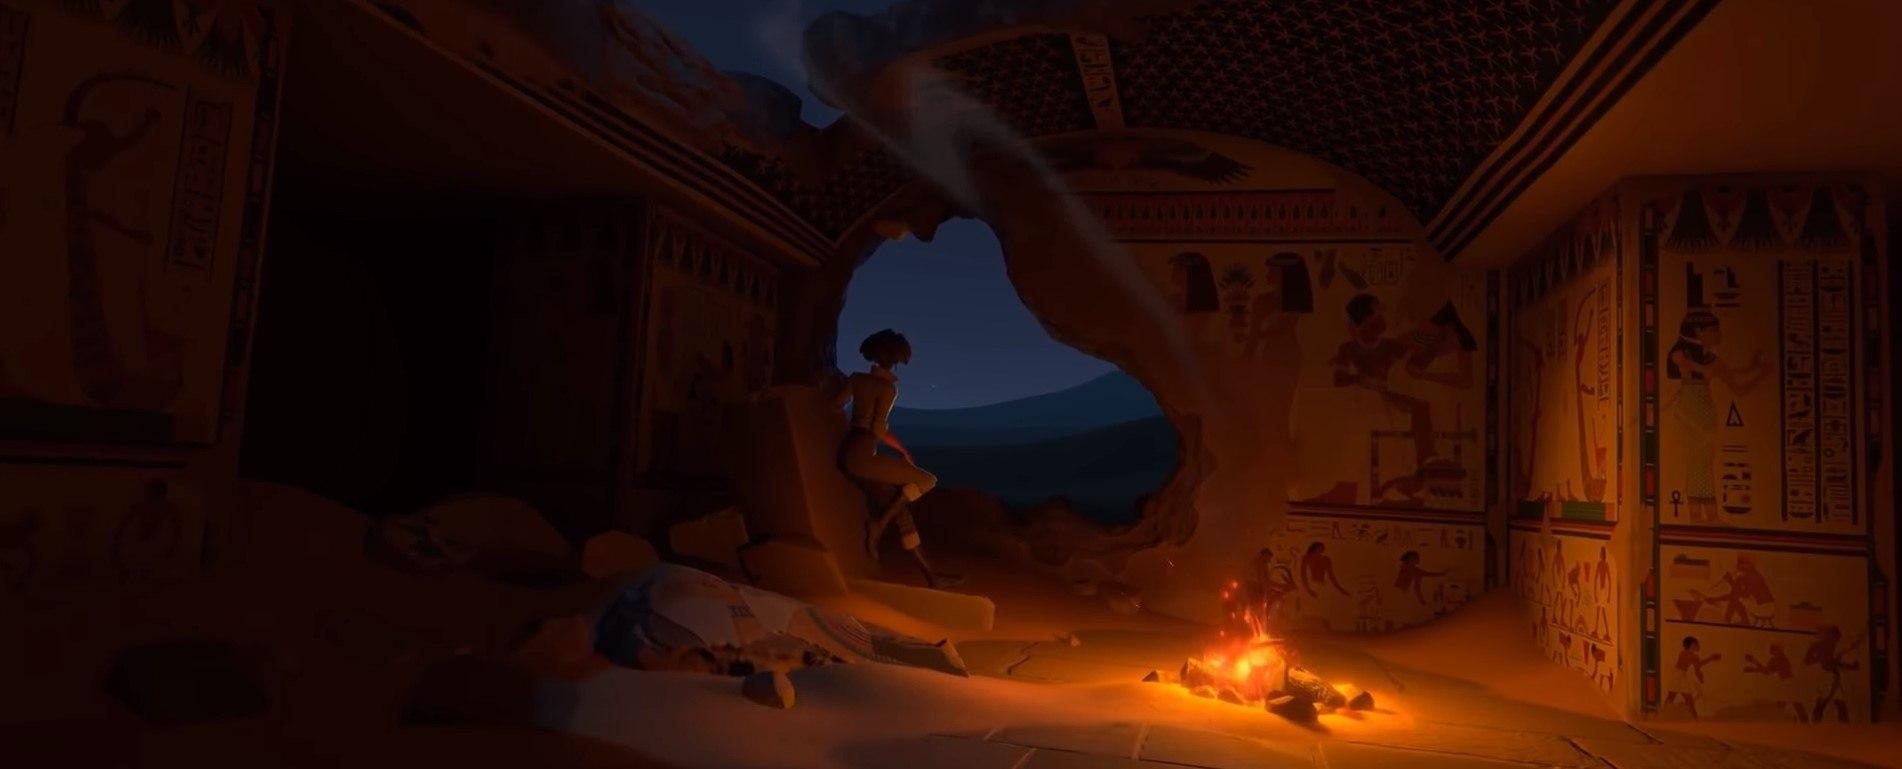 In The Valley of Gods 2019: дата выхода, трейлер и системные требования игры картинки